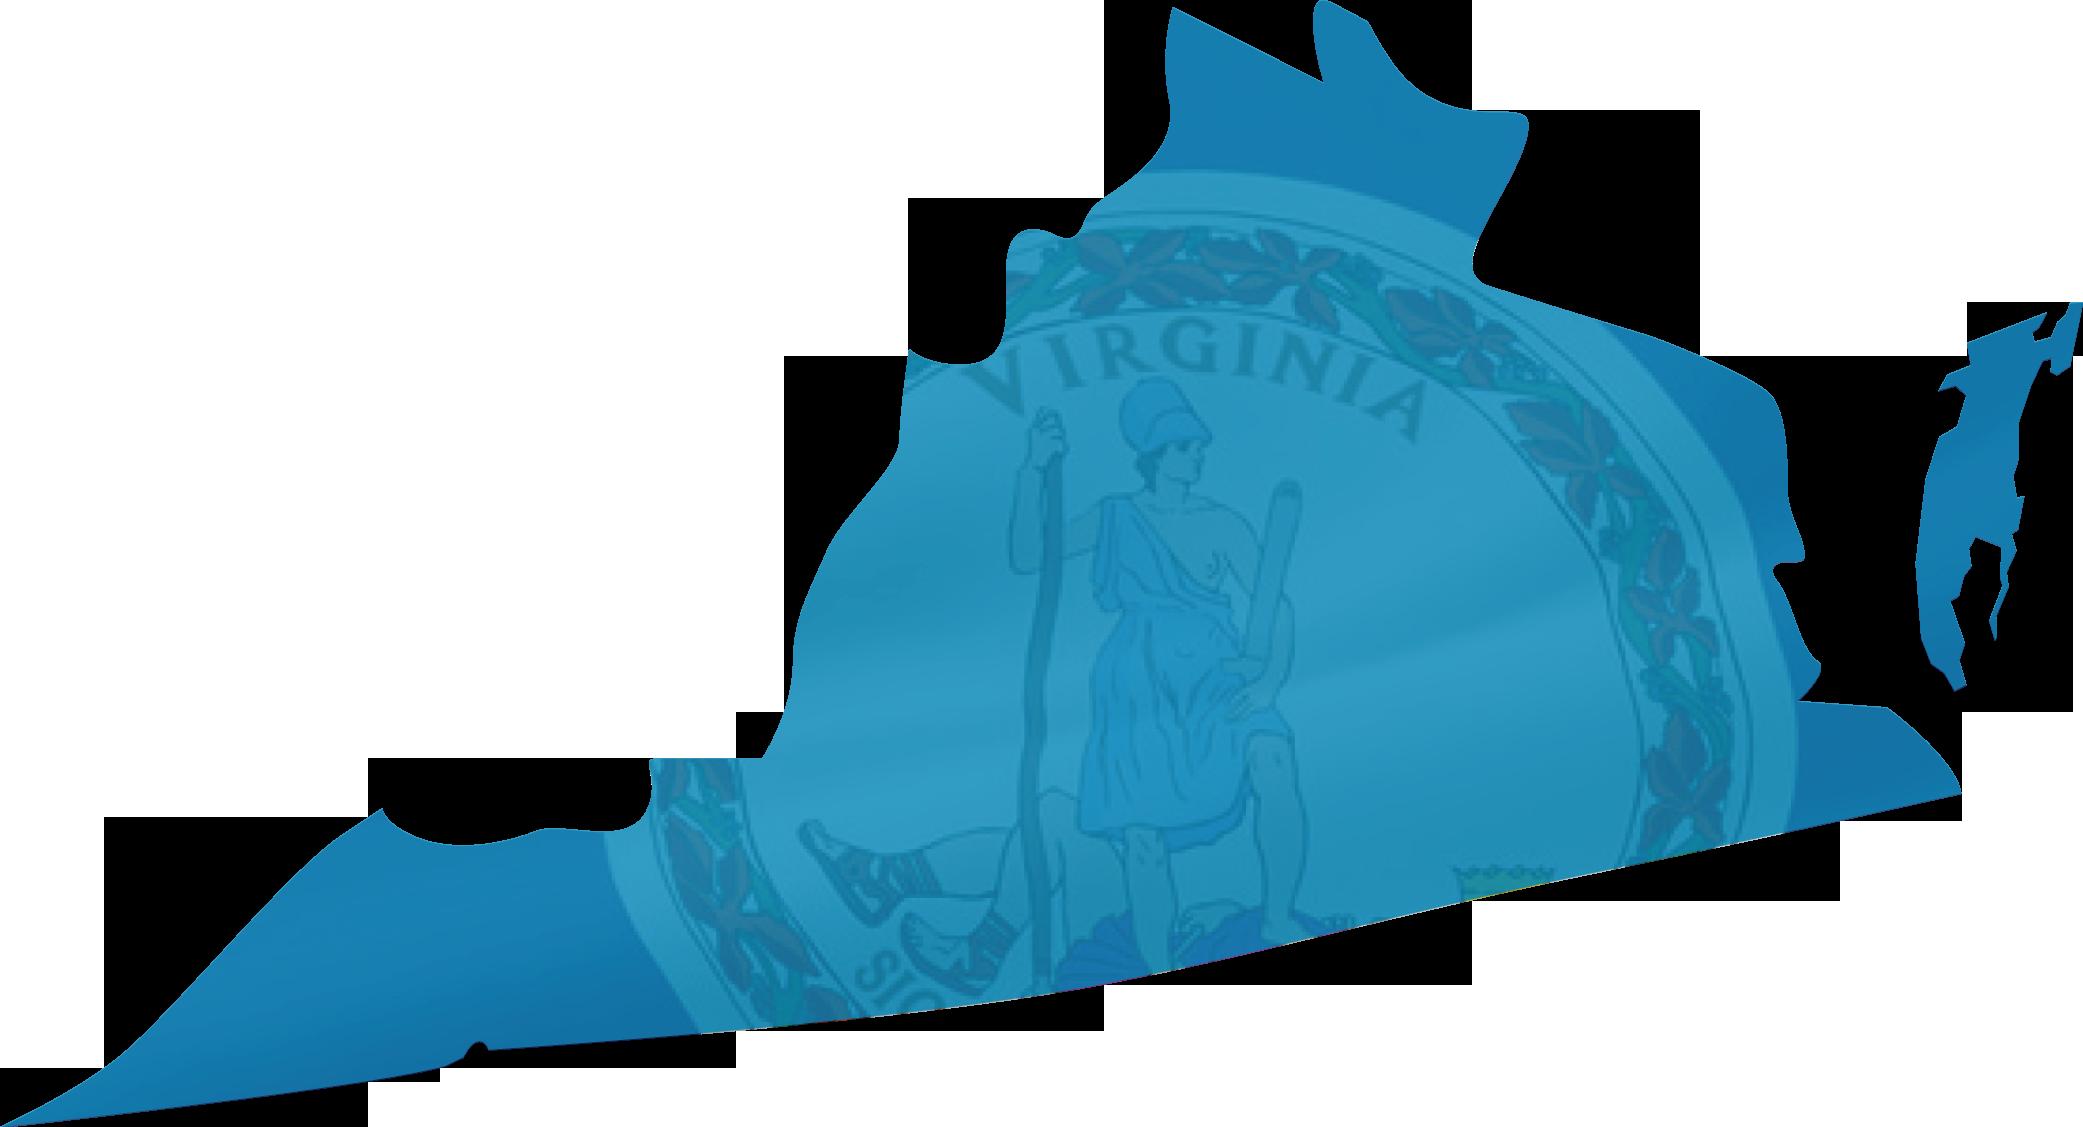 STATE - VIRGINIA   Virginia House of Delegates   Virginia Senate